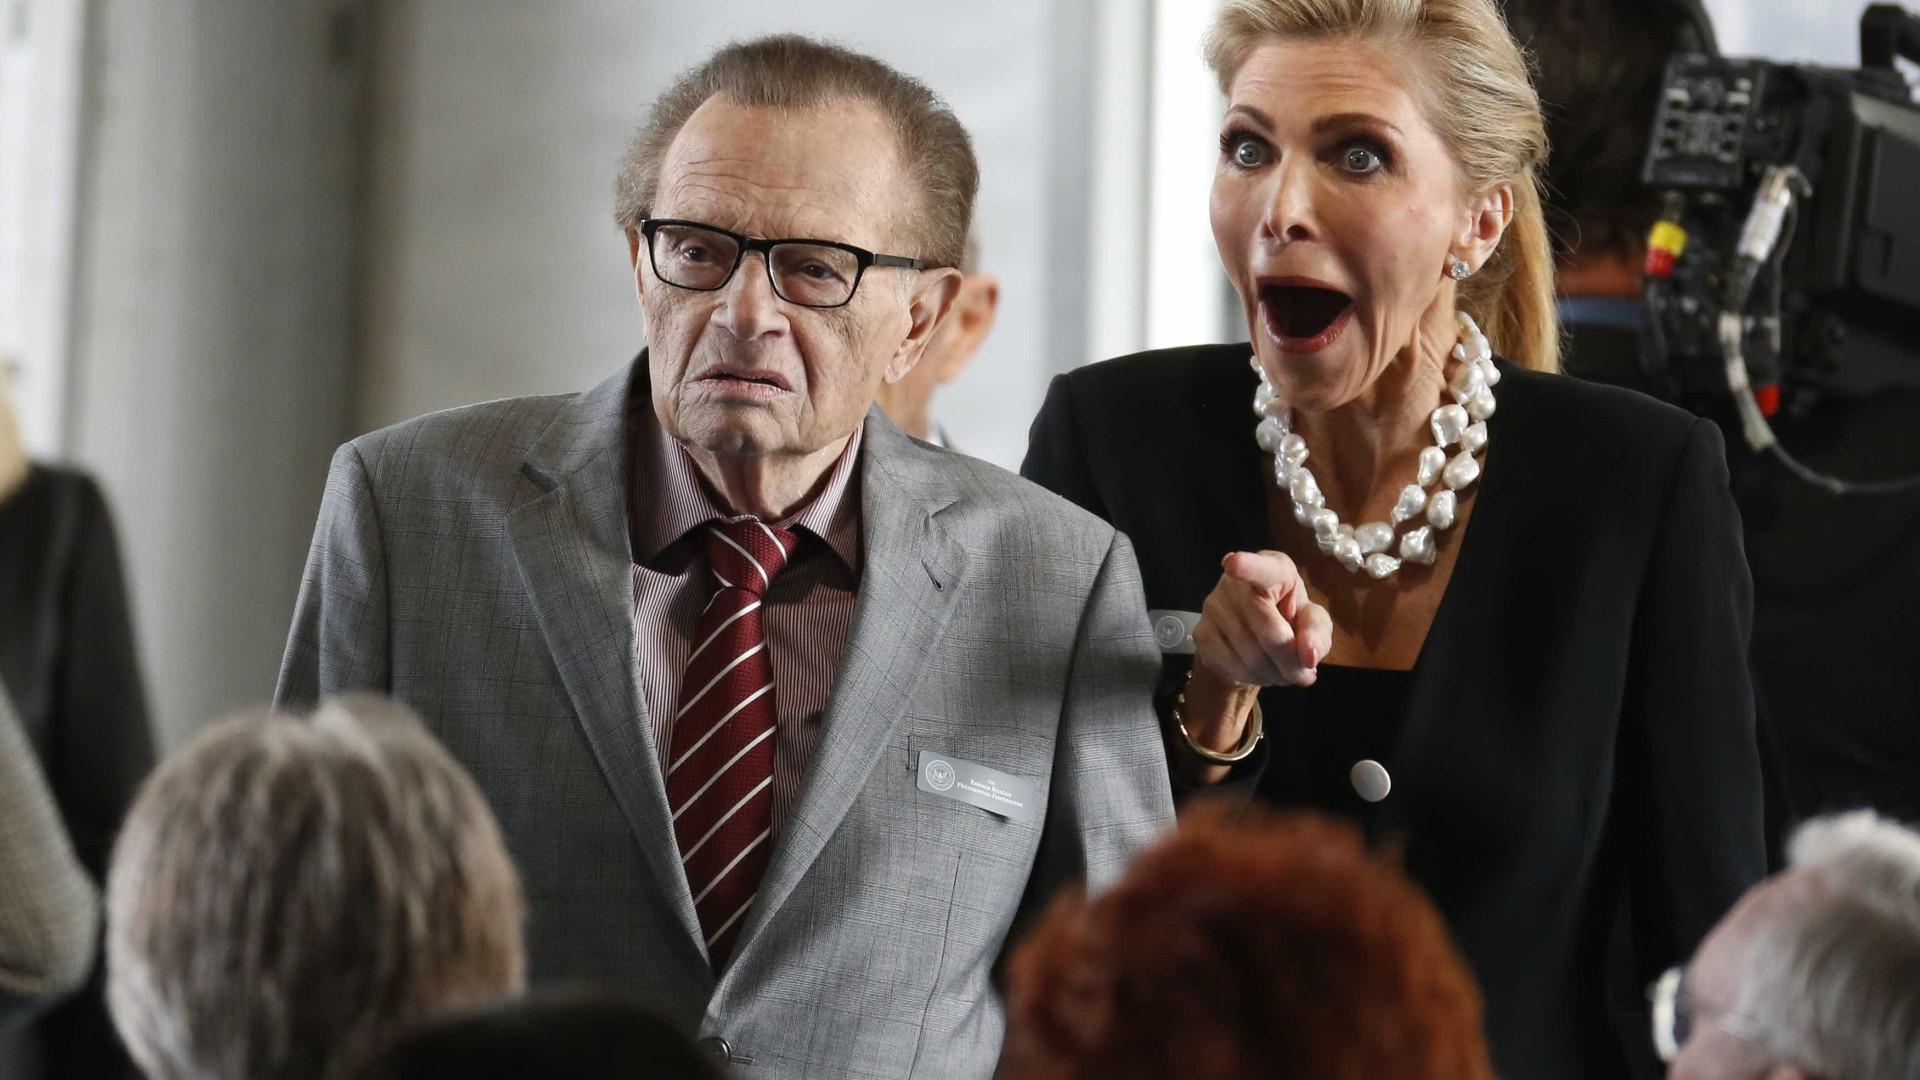 Apresentador de TV Larry King divulga que se curou de câncer de pulmão